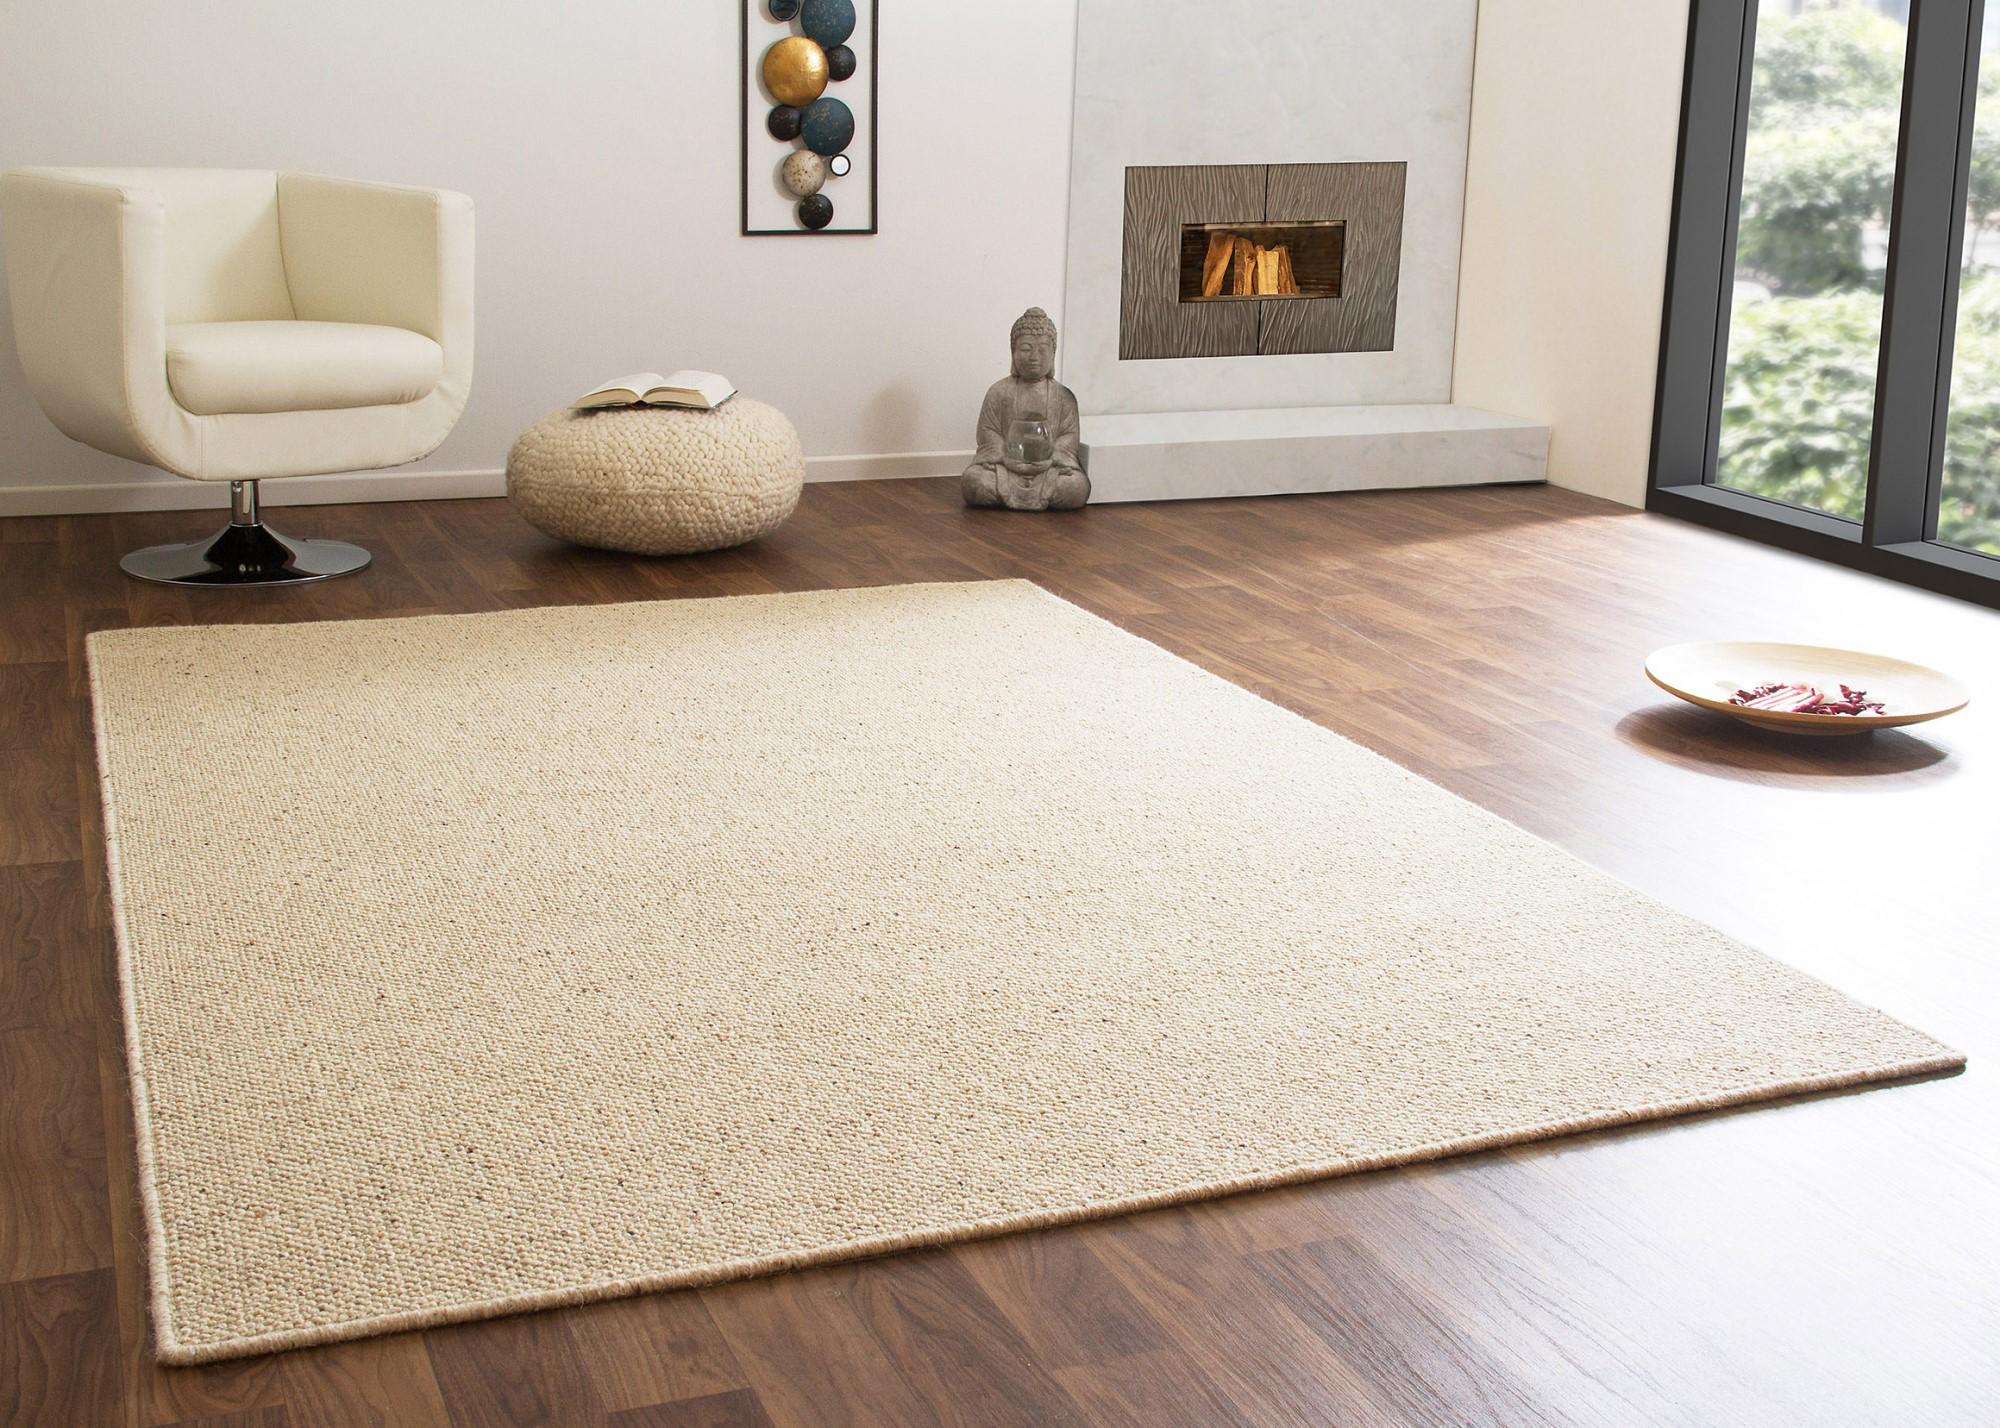 designer teppich modern huelva skandinavisches design aus schurwolle ebay. Black Bedroom Furniture Sets. Home Design Ideas